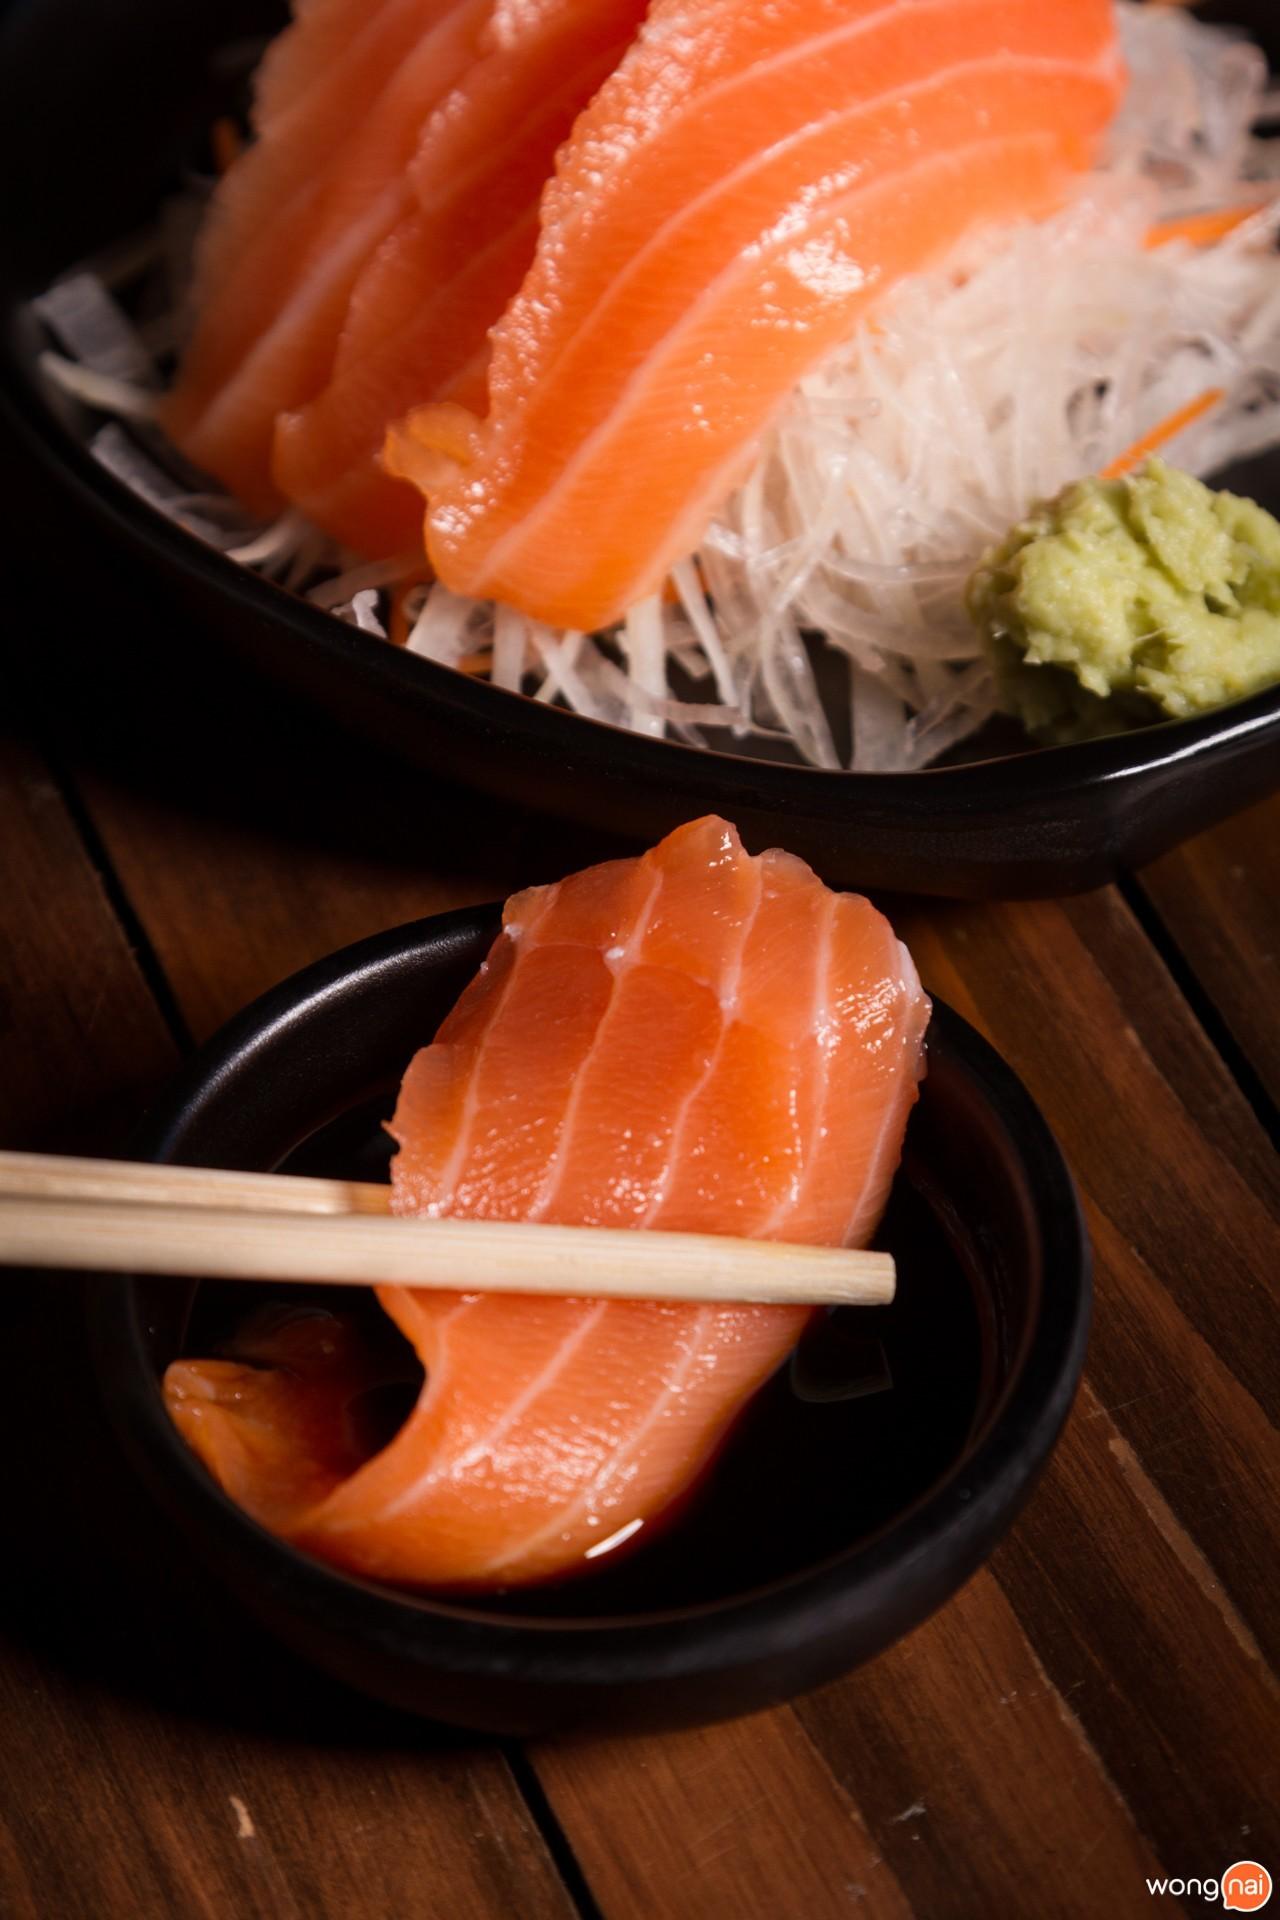 เมนู Salmon Sashimi ร้าน Kita Yakitori & Grilled Seafood เชียงใหม่